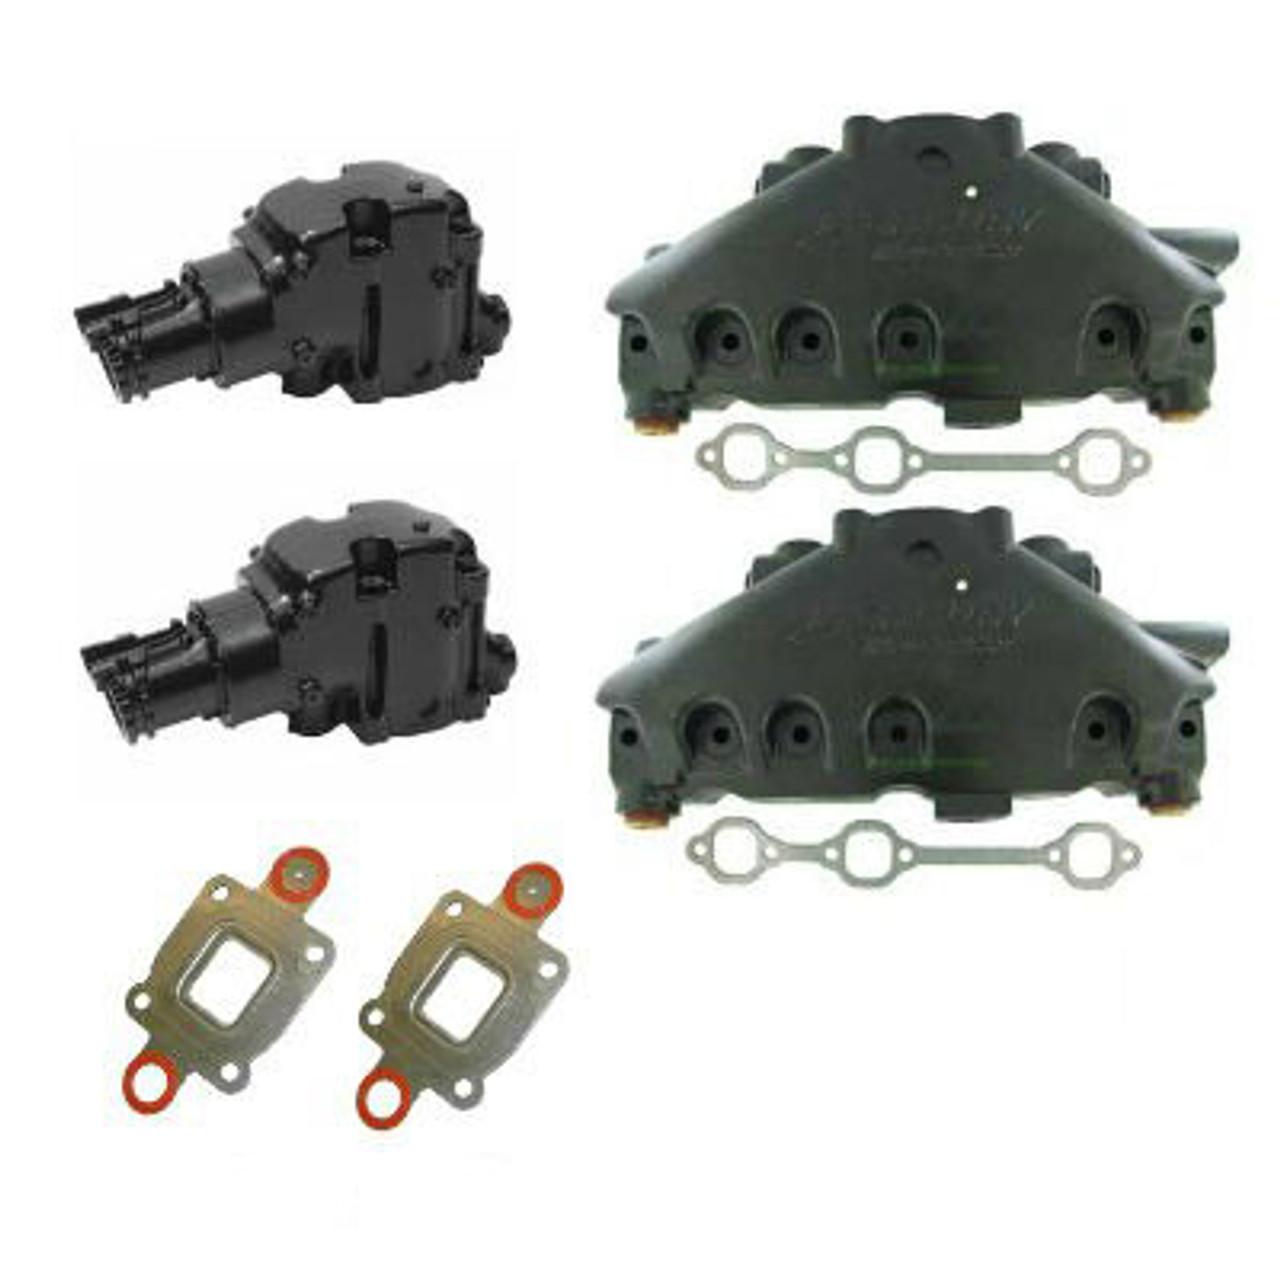 14 degree dry joint oem mercruiser 4 3 v6 exhaust manifold and riser kit